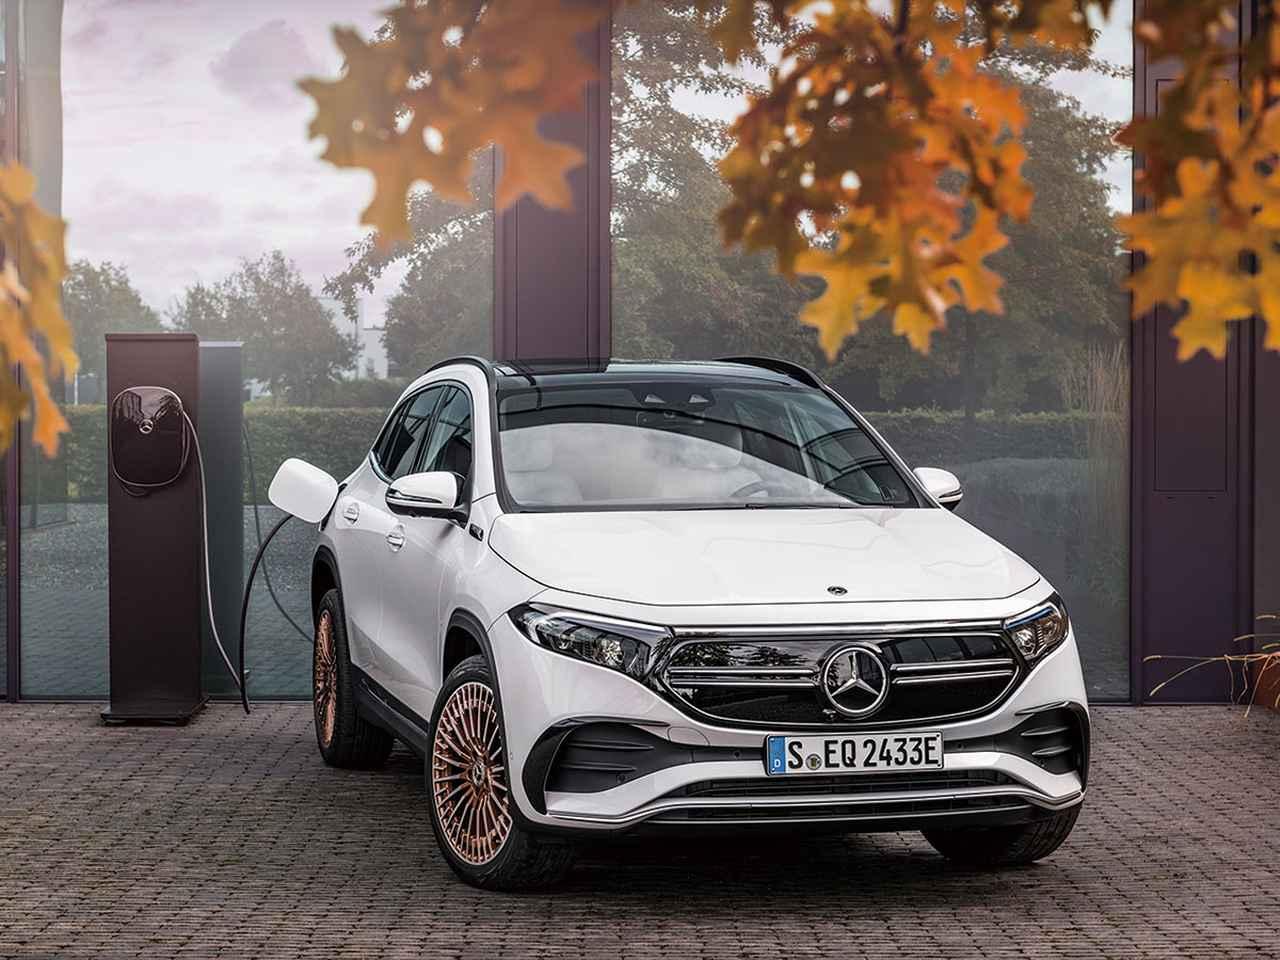 画像: 乗用車の未来は間違いなくBEVと公言するメルセデス・ベンツ。写真はメルセデス・ベンツ EQA。